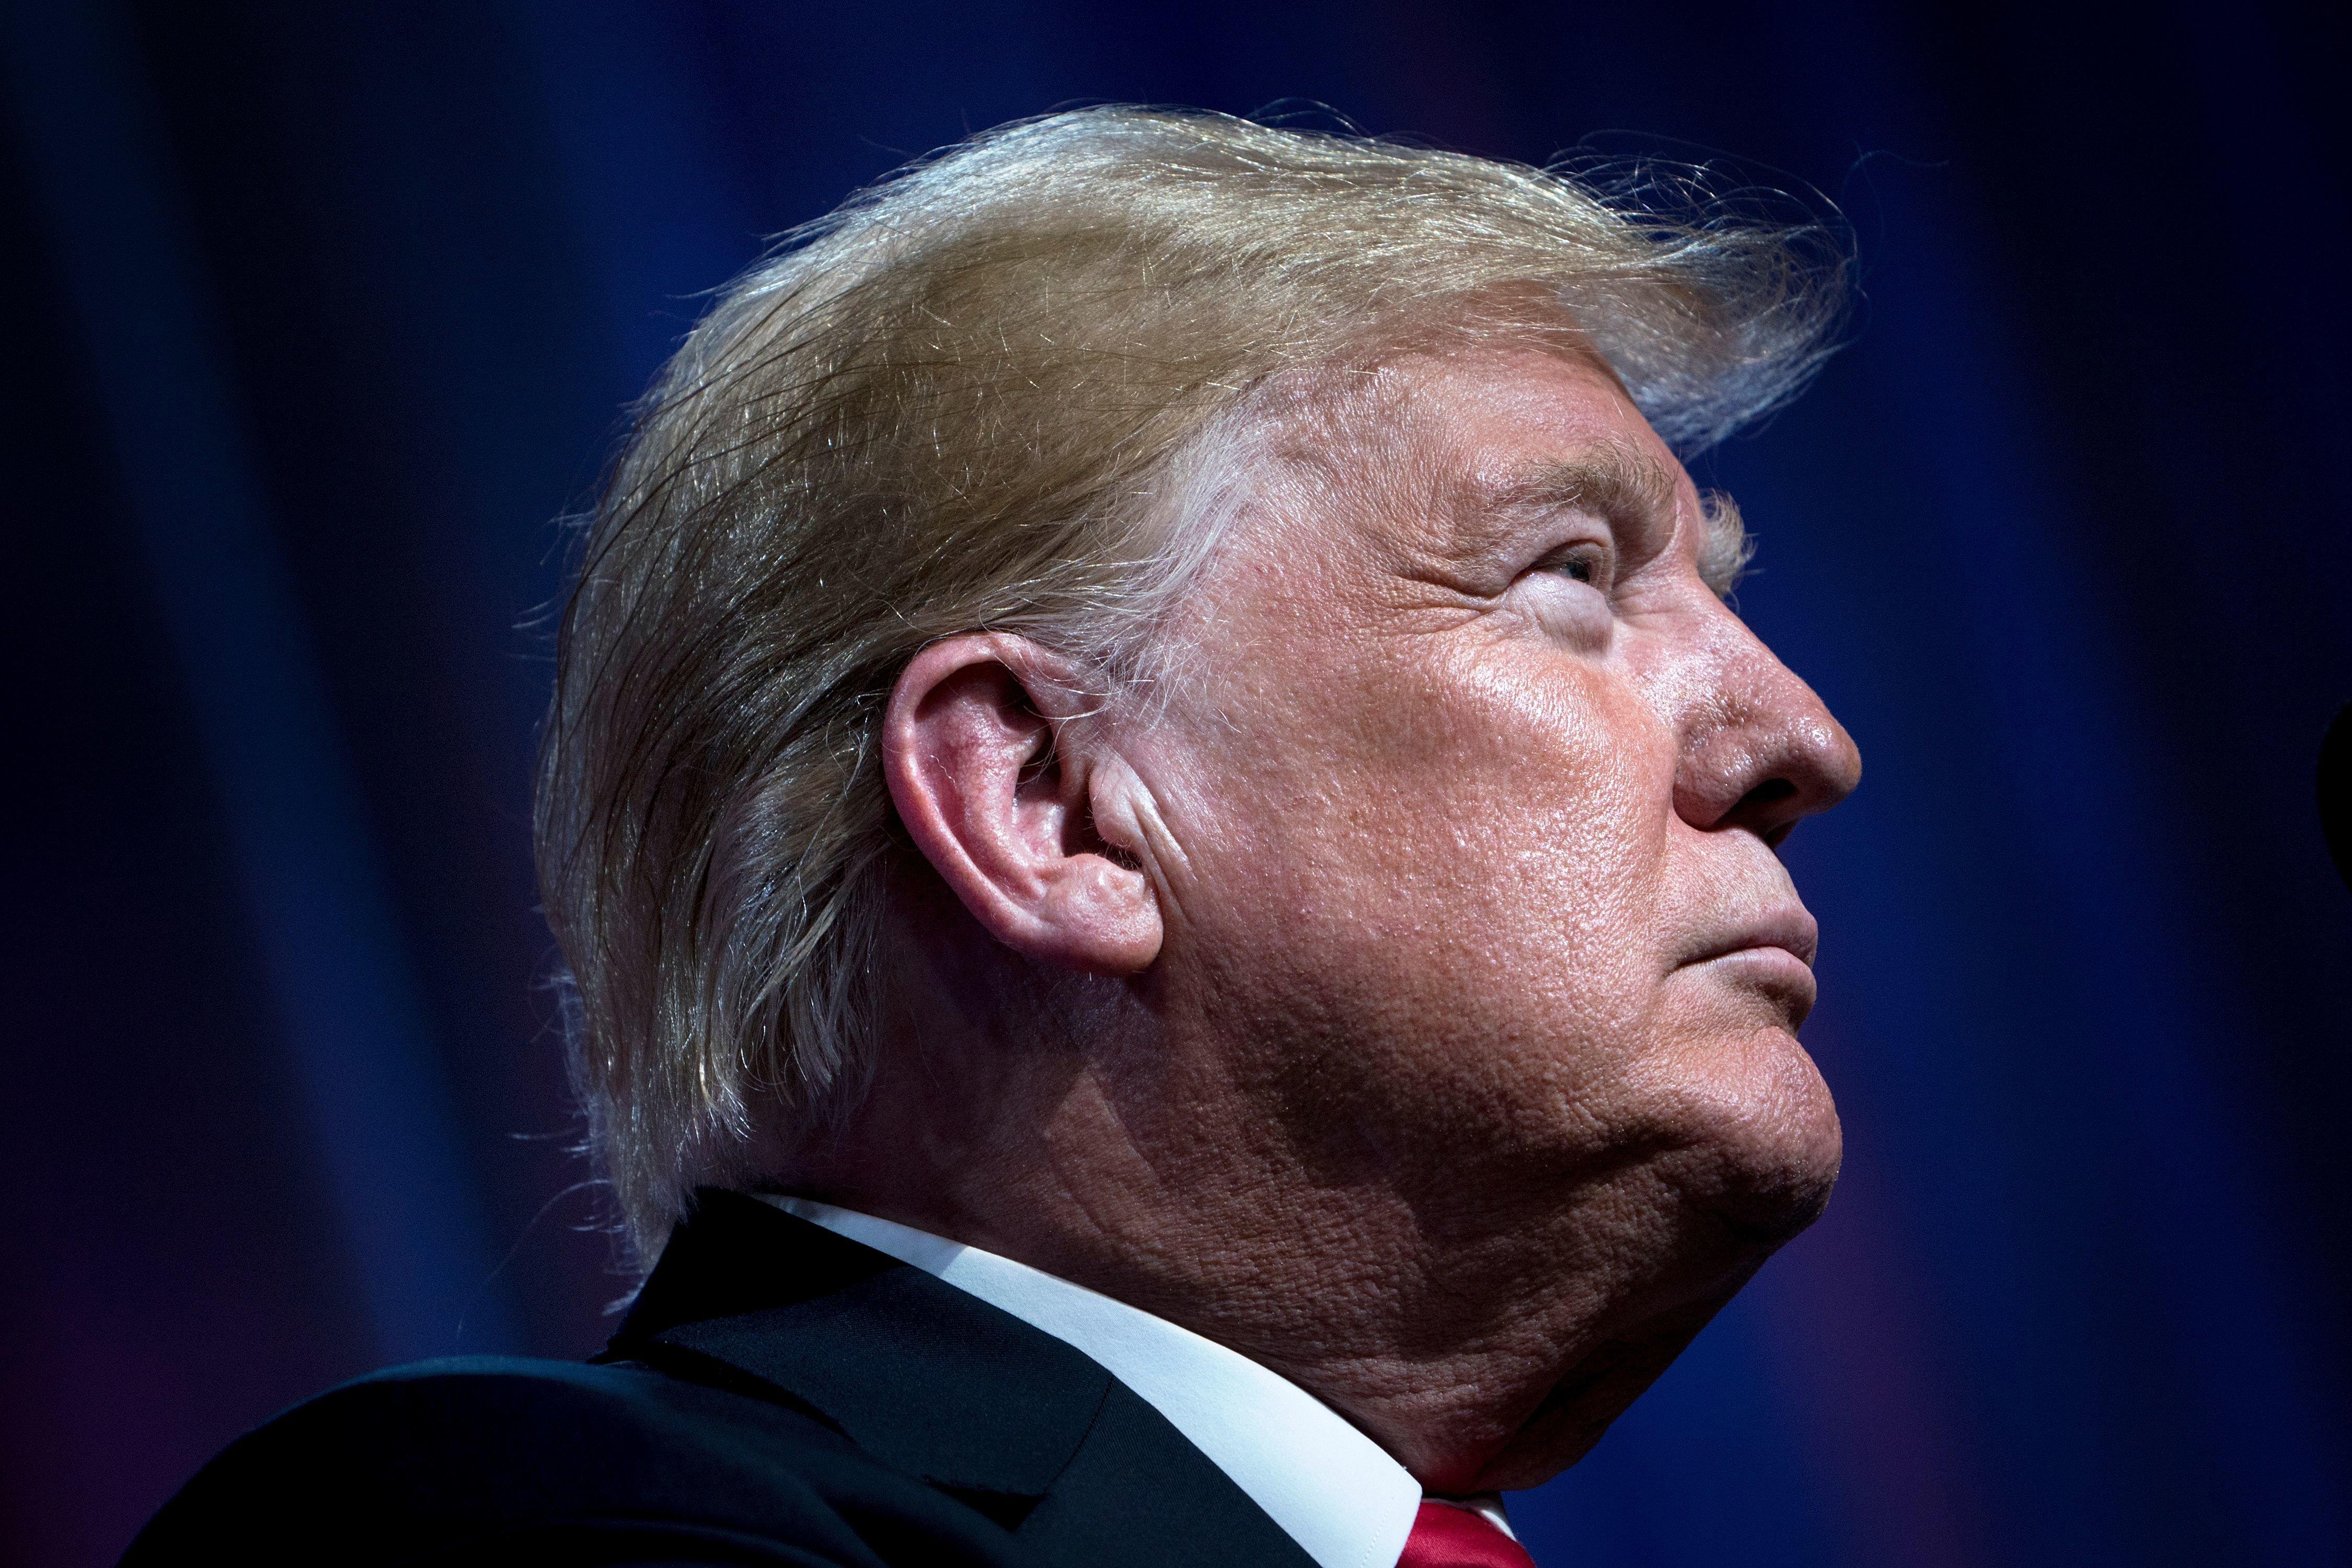 매케인 별세 이후 트럼프의 대응이 '인성 논란'을 불렀다